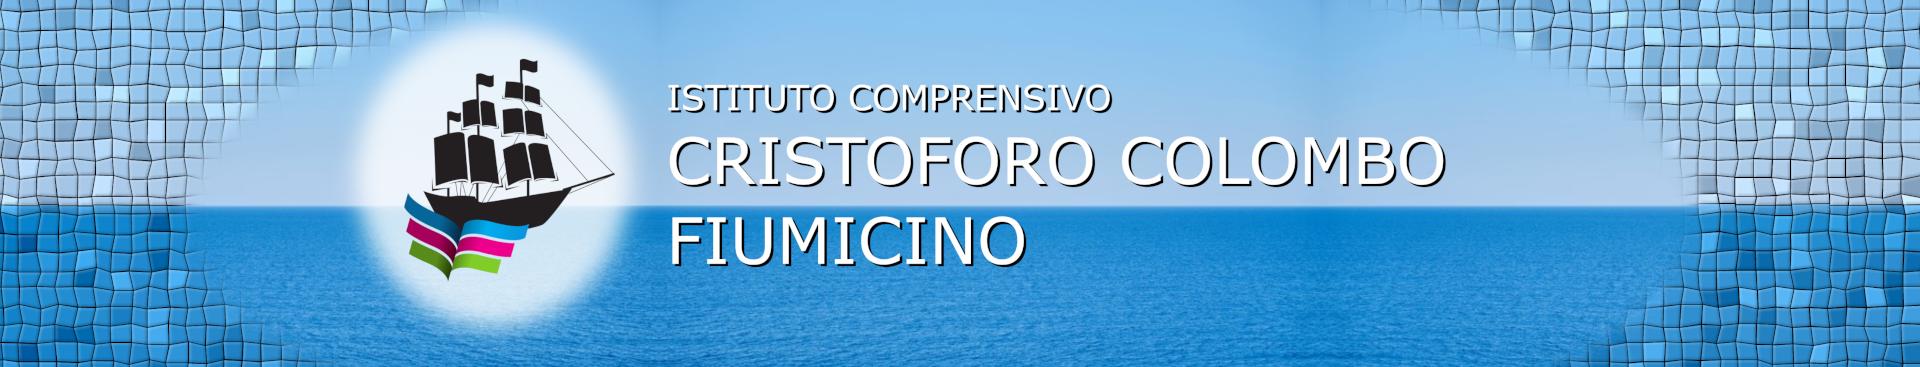 I.C. Cristoforo Colombo Fiumicino